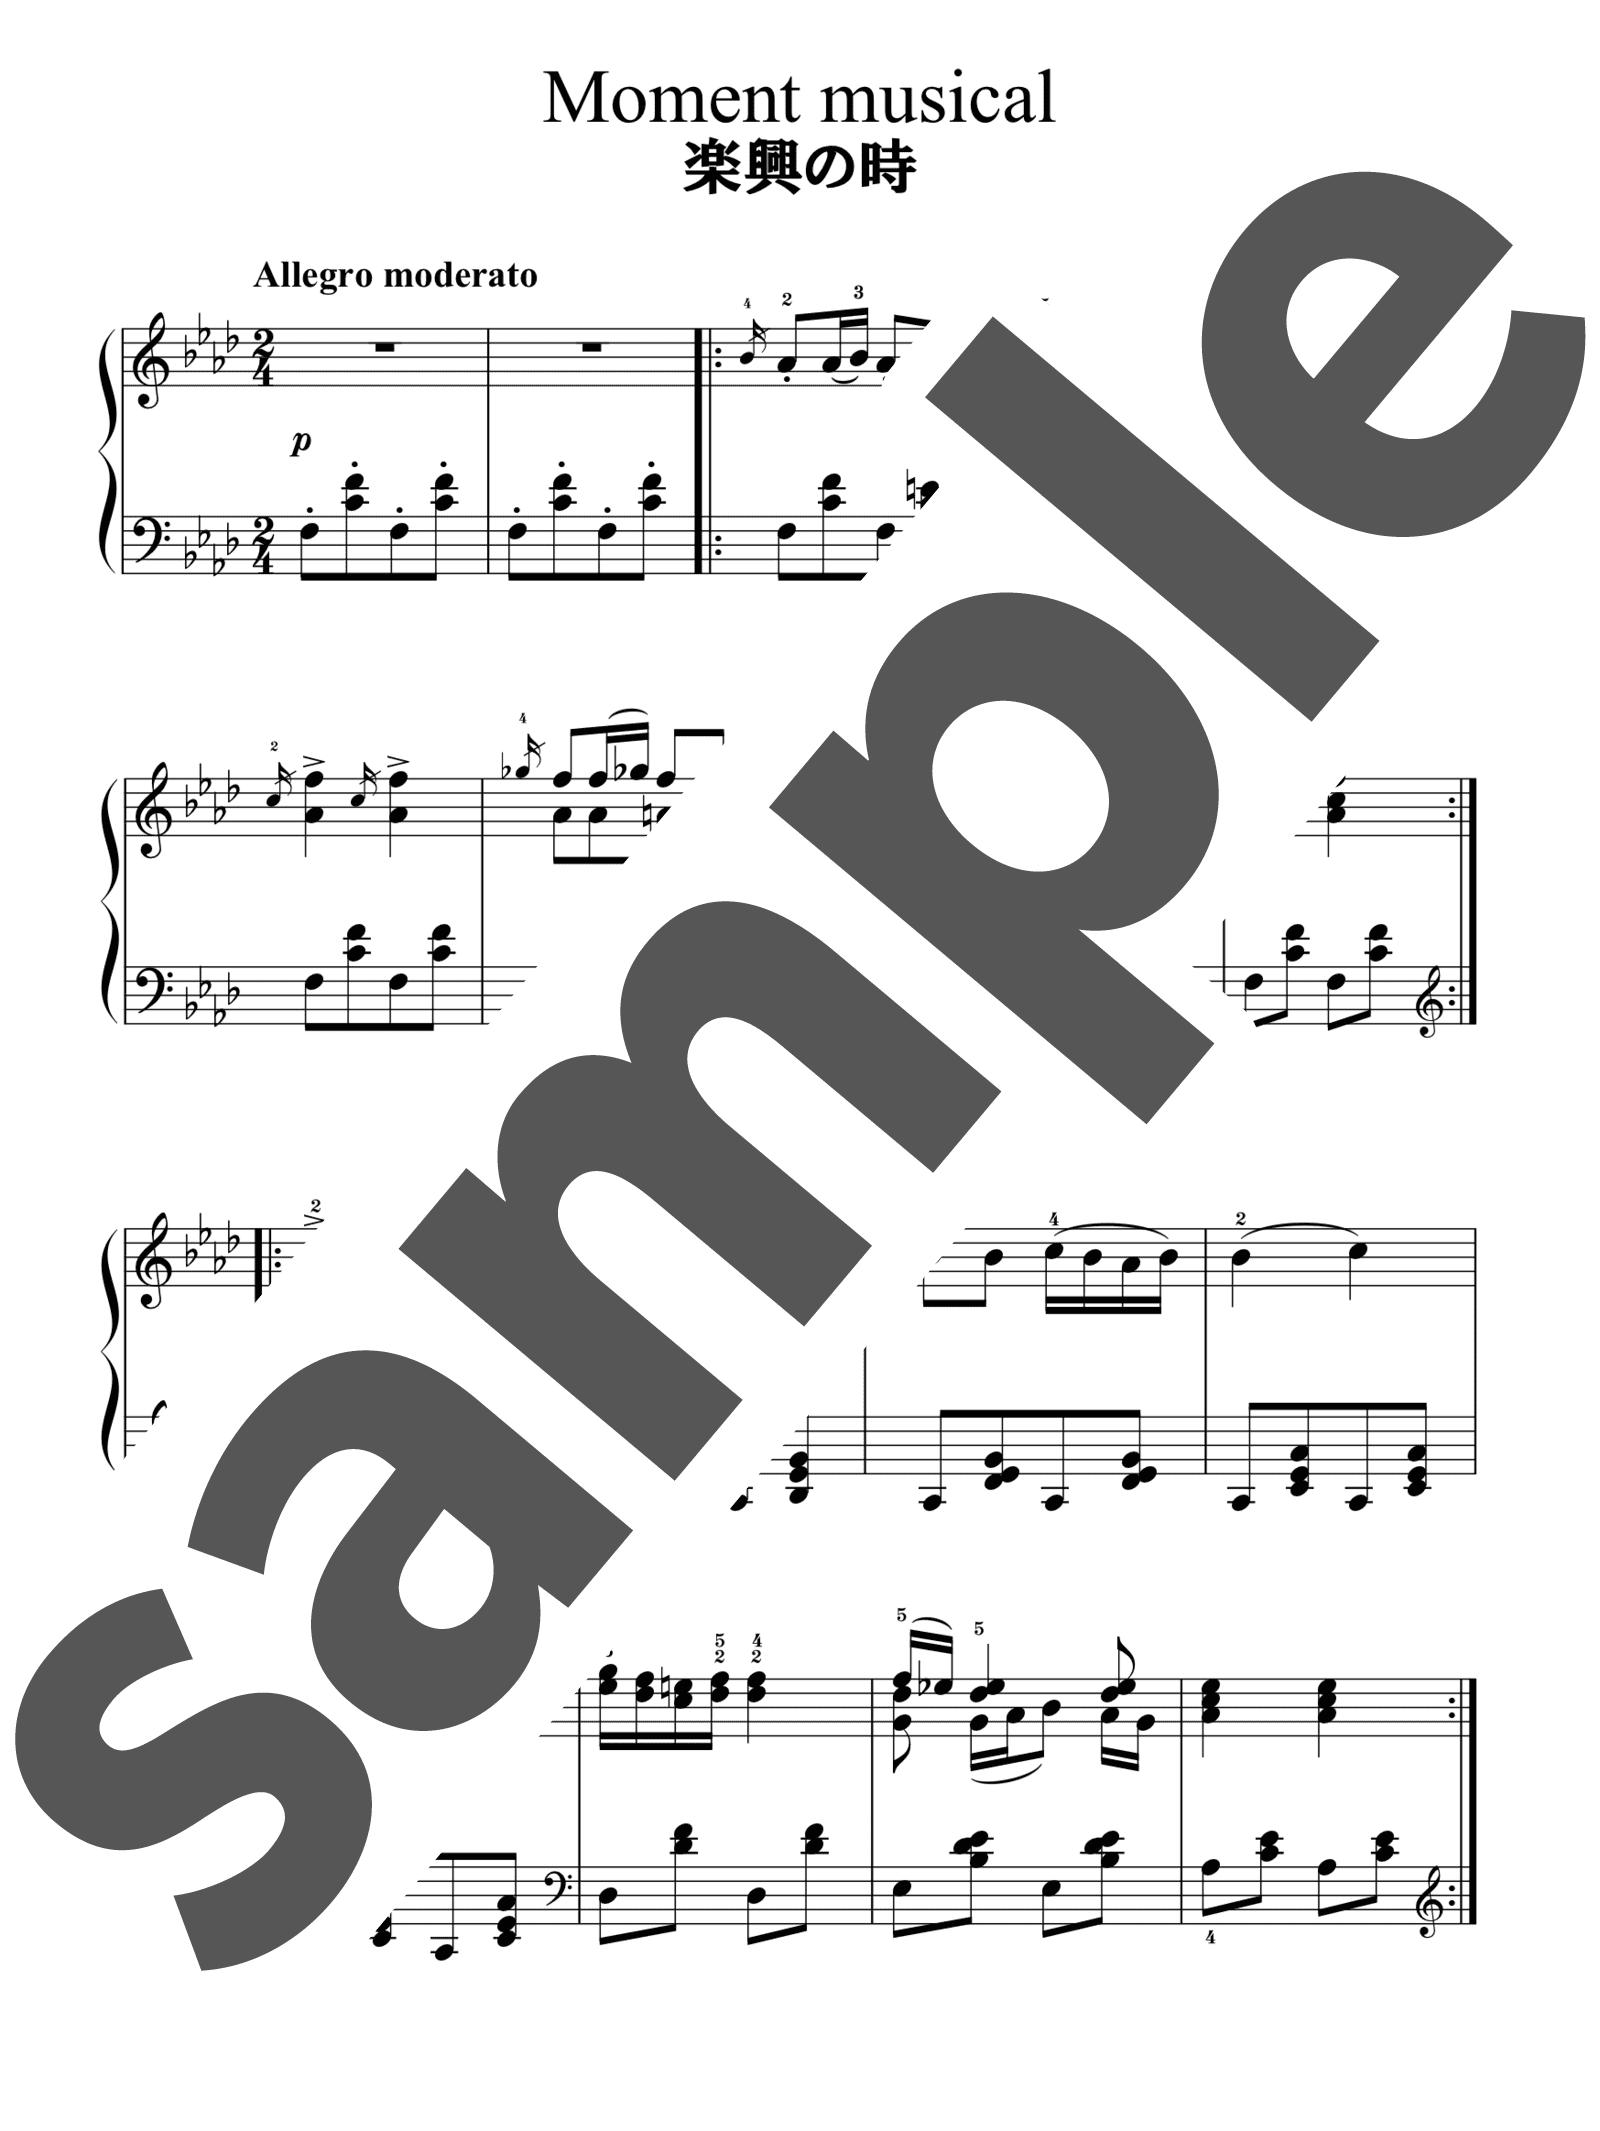 「楽興の時 第3番」のサンプル楽譜